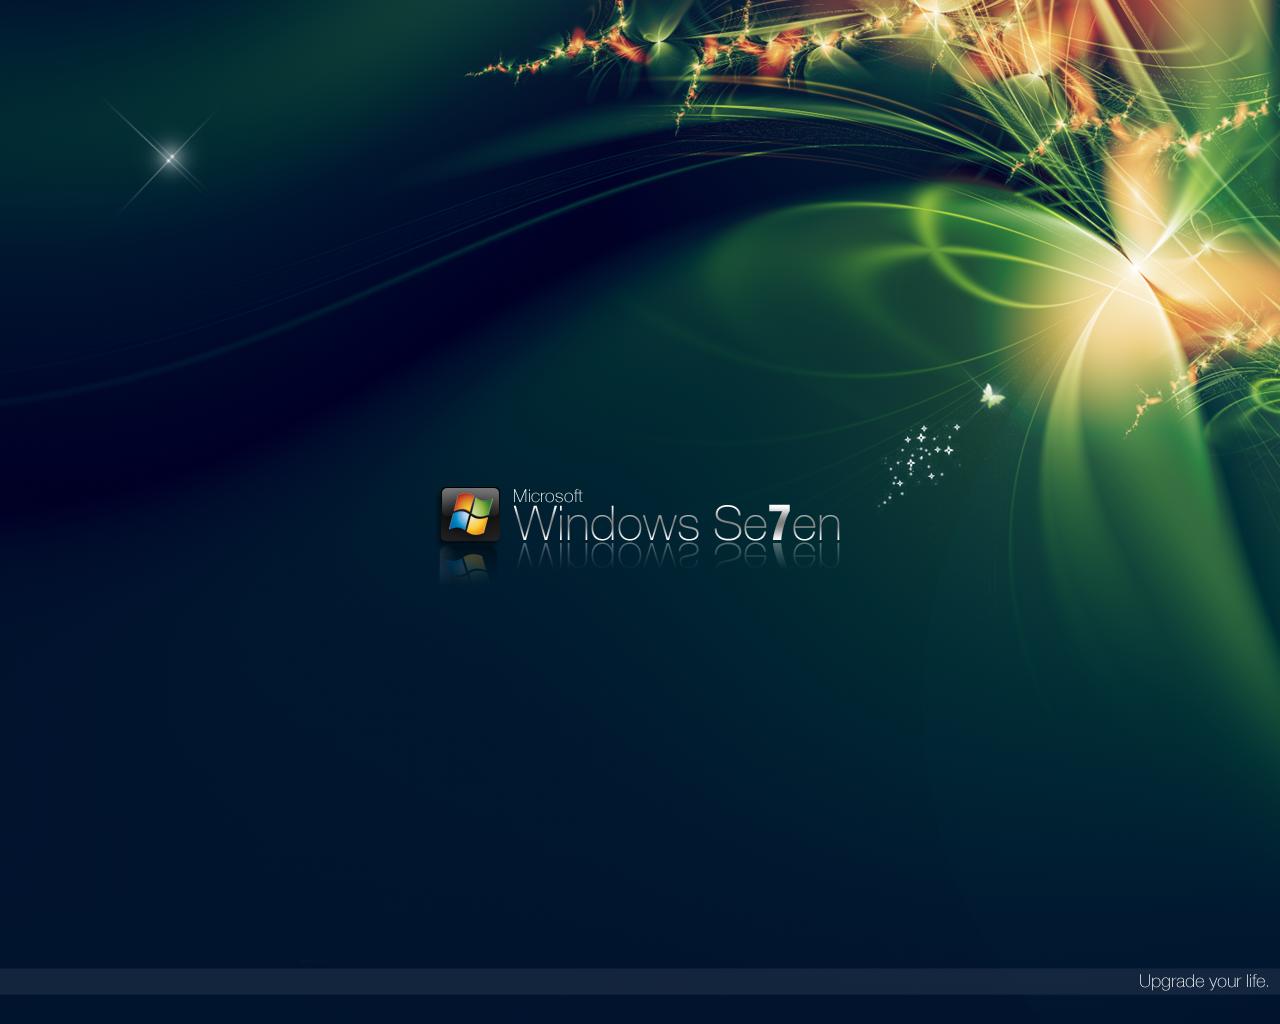 Windows 7 Seven Wallpaper Fondos De Escritorio Wallpapers: Wallpapers Para Windows 7